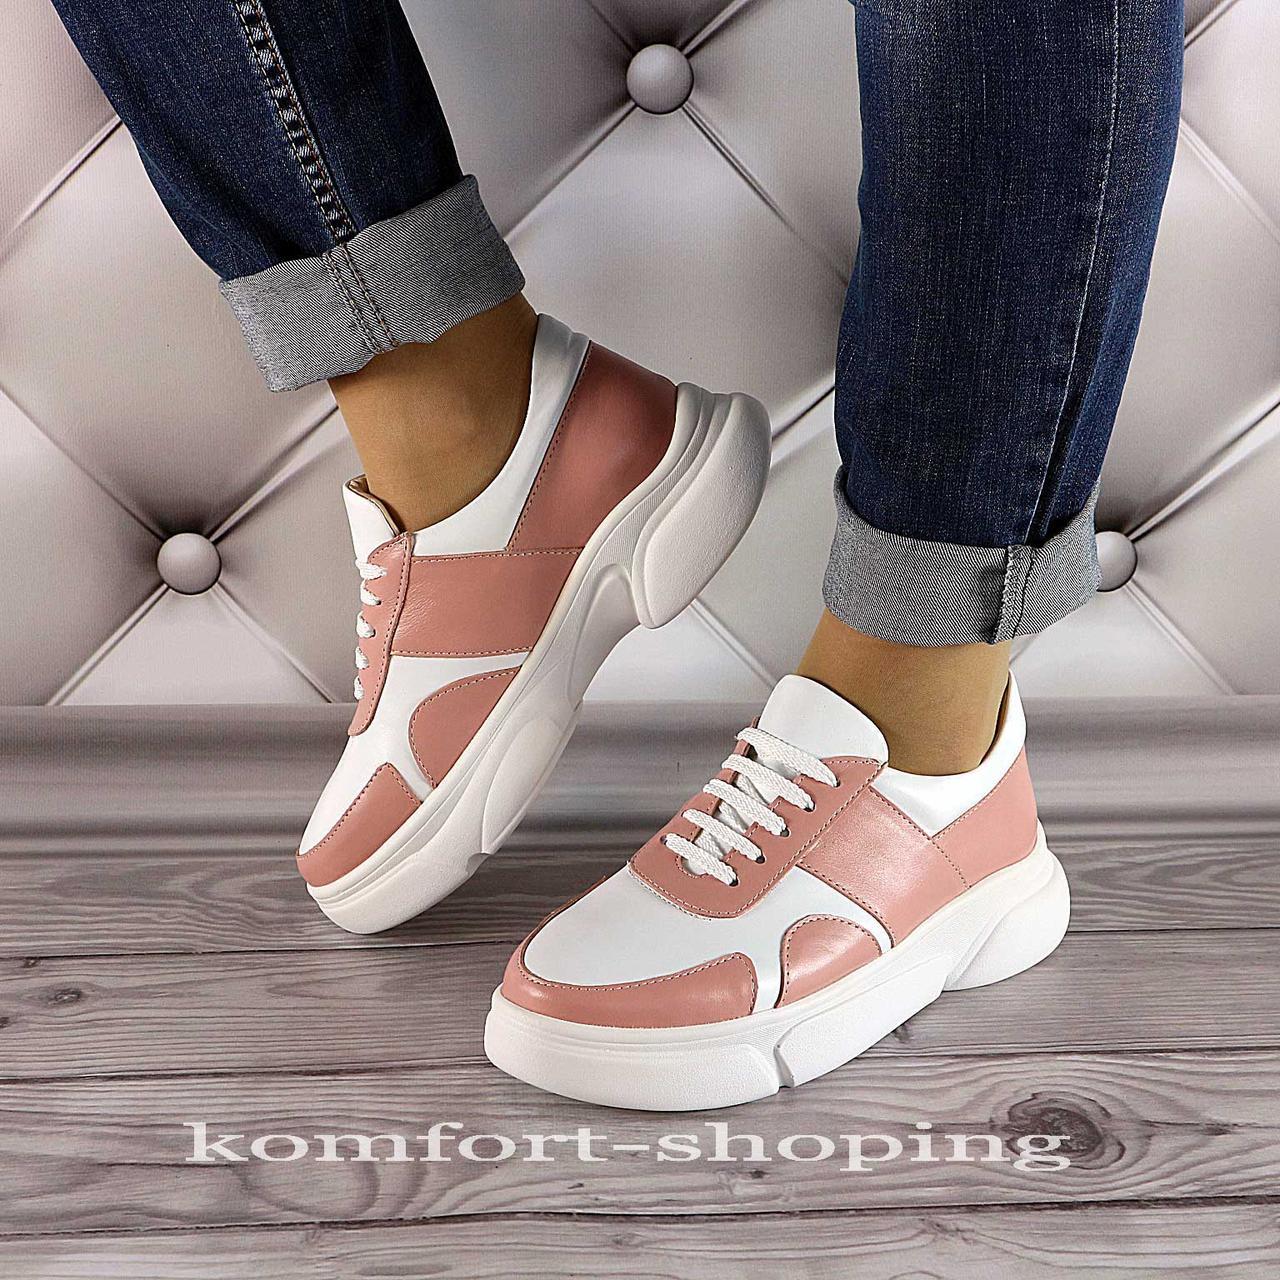 Женские кроссовки на шнуровке кожаные, белые+розовый   V 1291